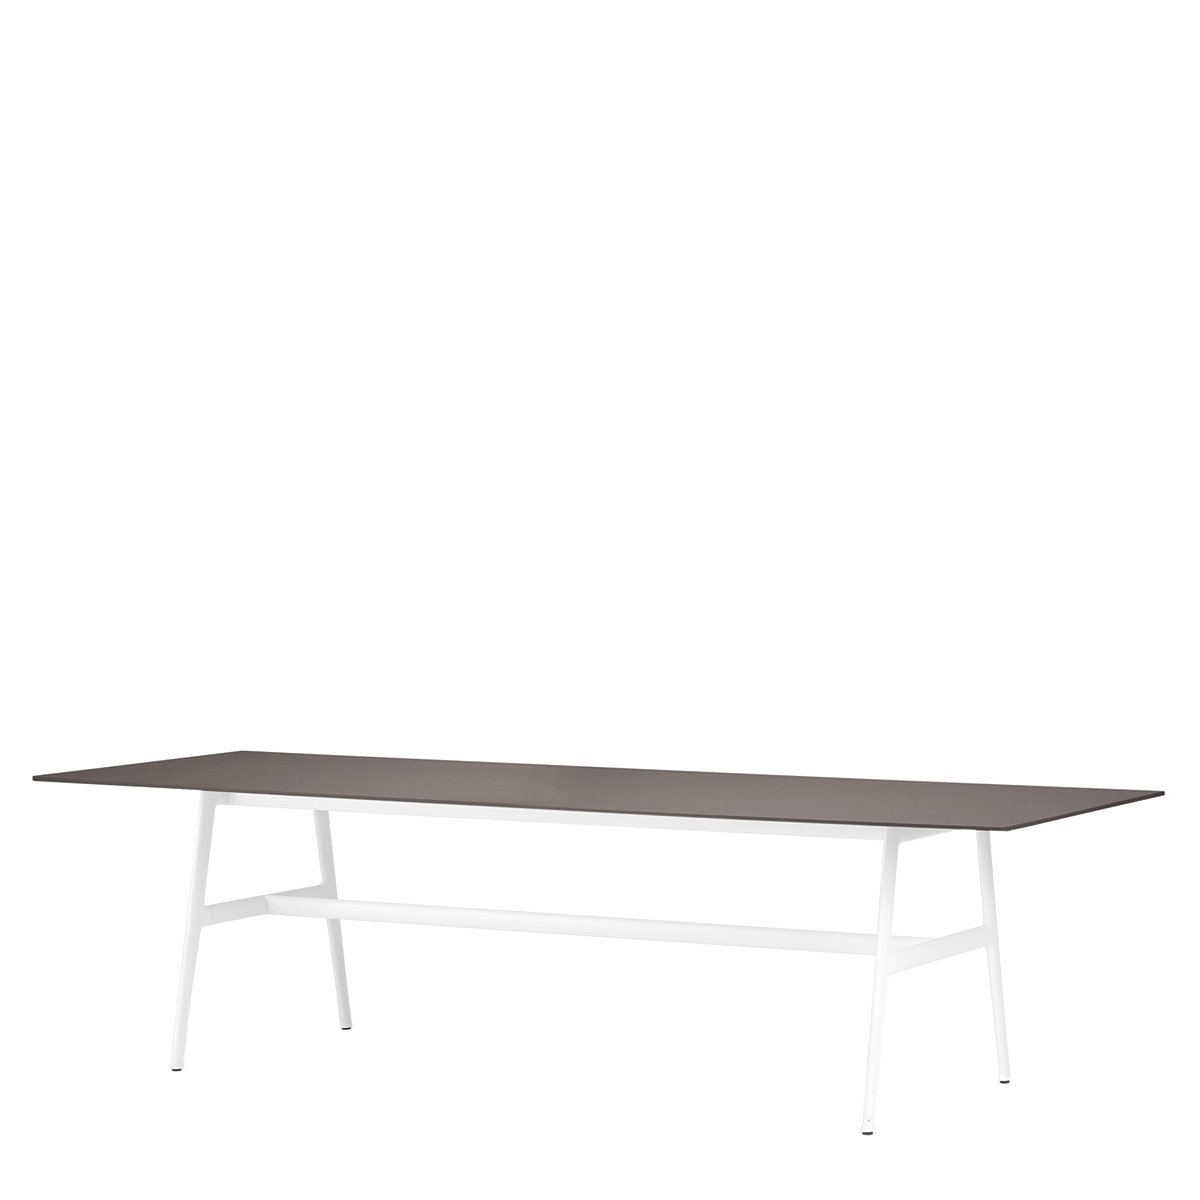 DEDON SEAX Eettafel - 100 x 280 cm. - ebony - wit